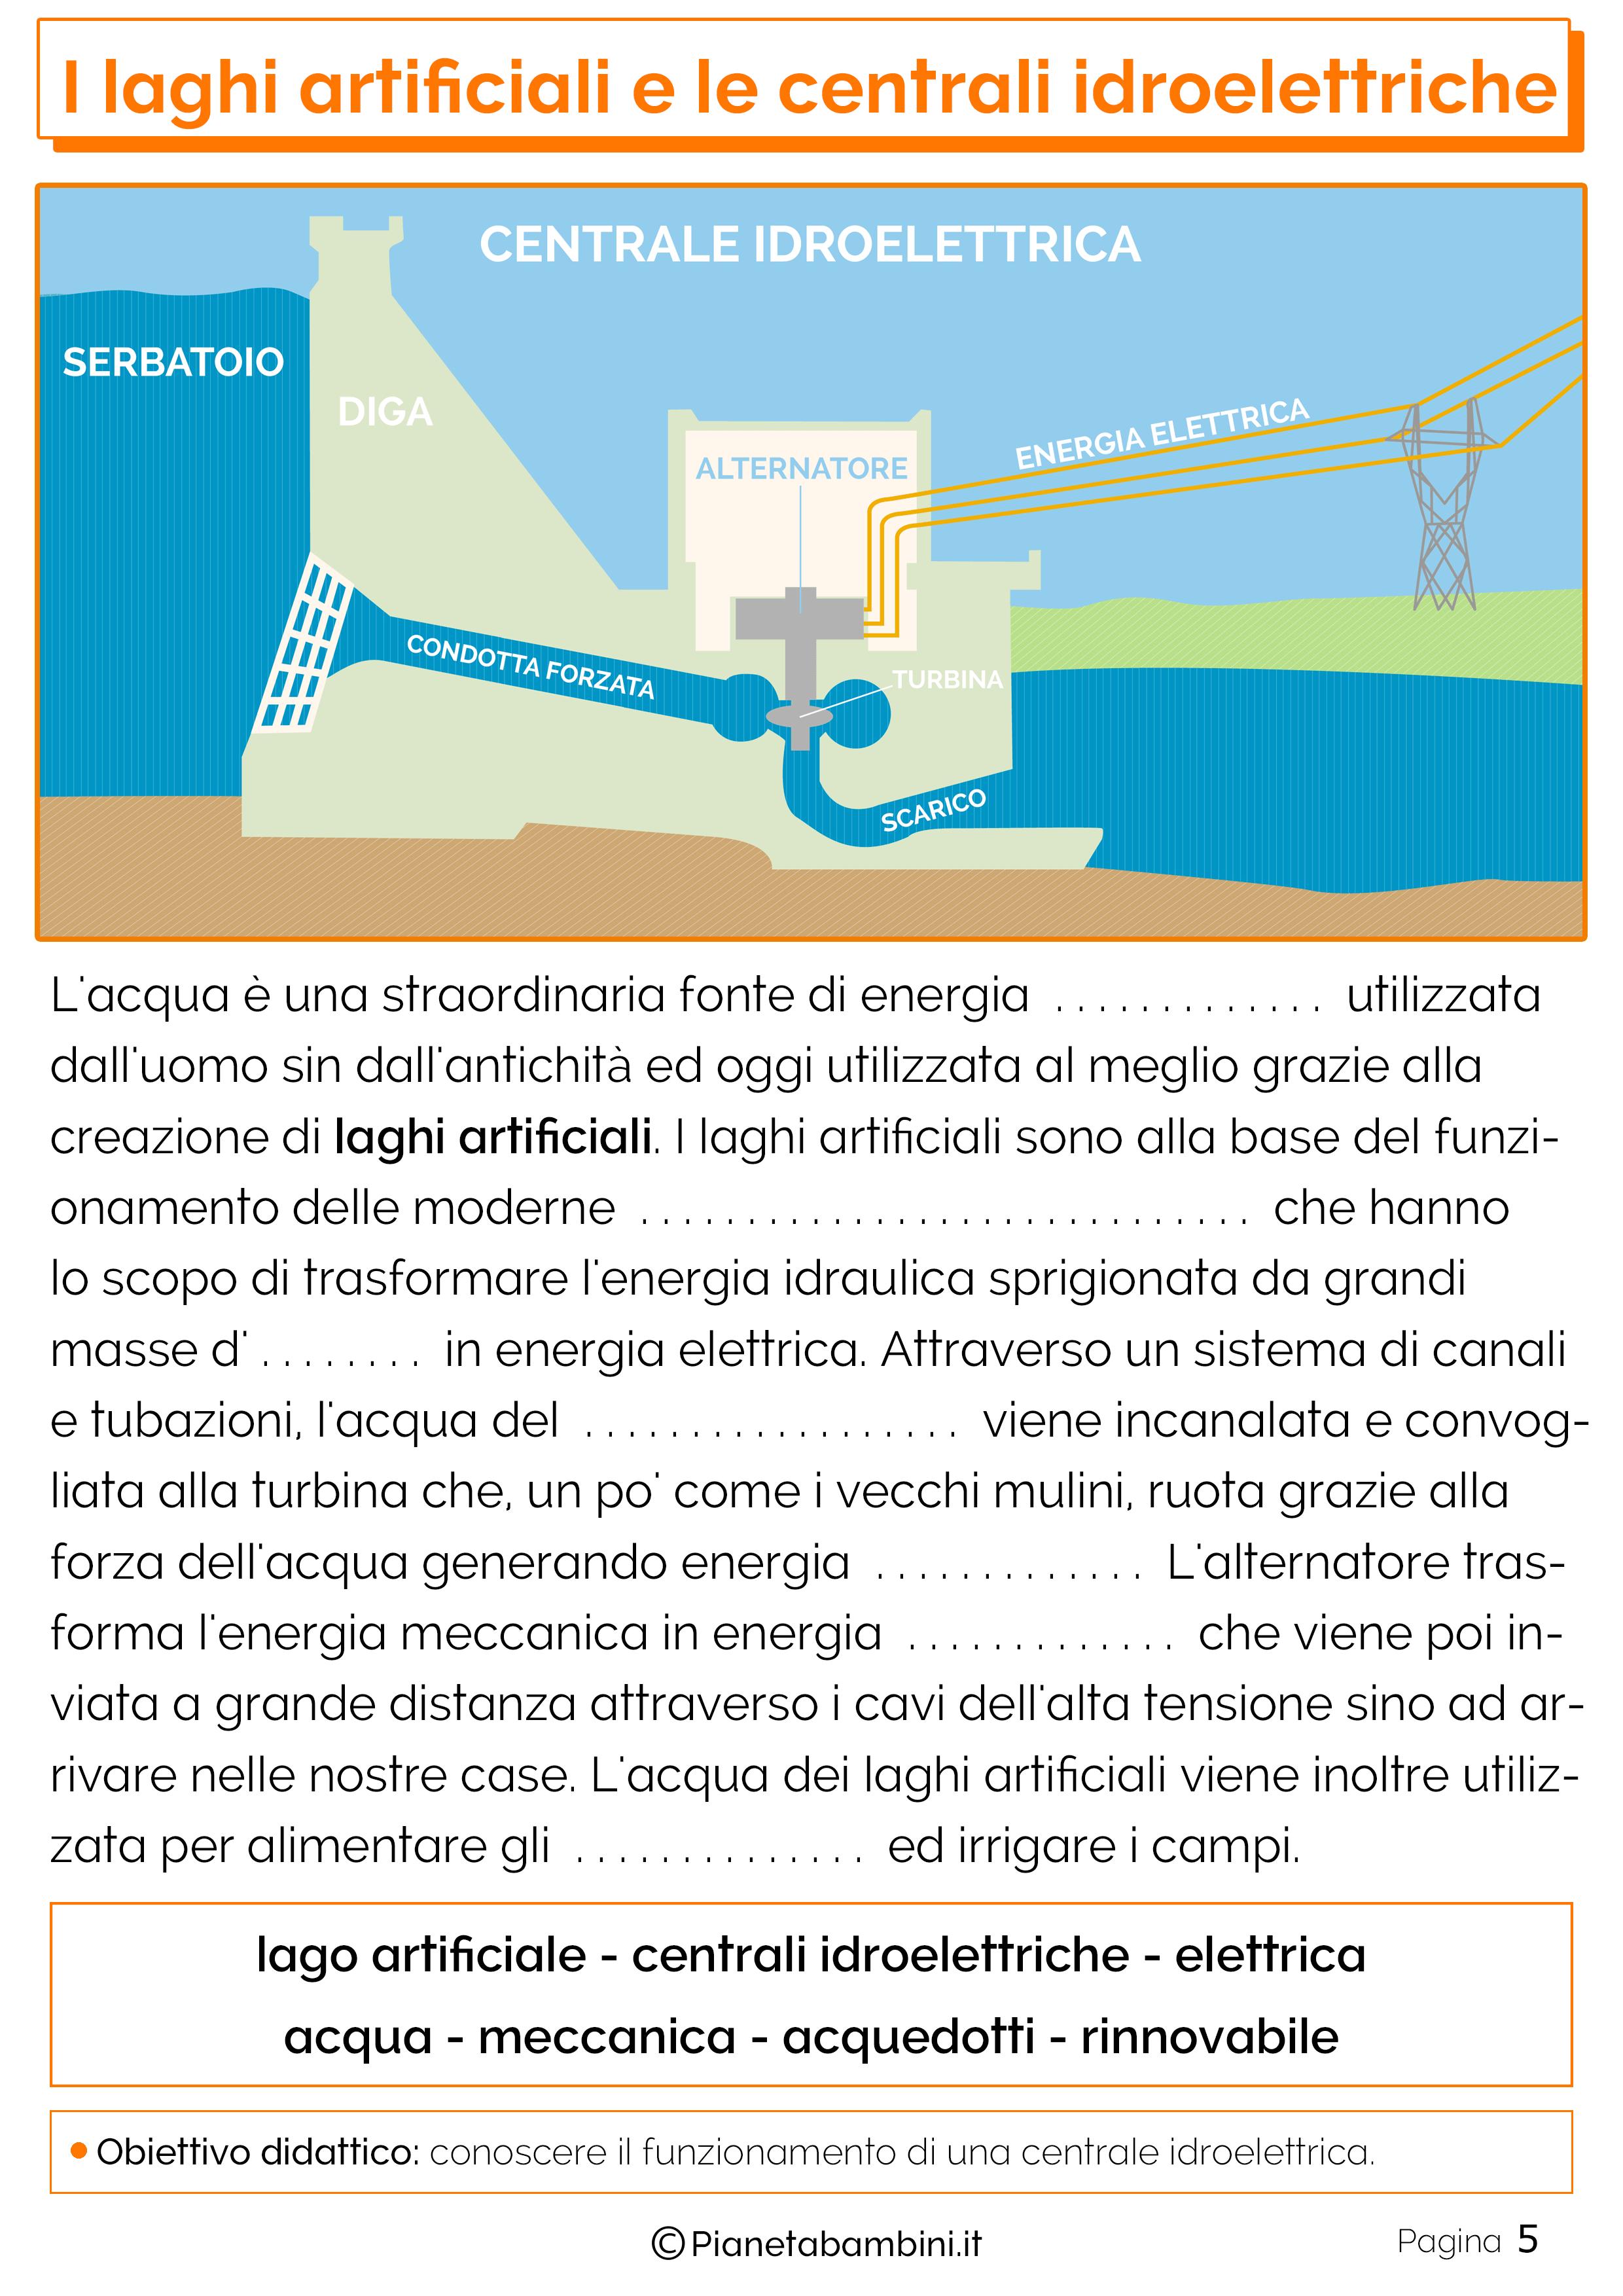 Esercizi su laghi artificiali e centrali idroelettriche